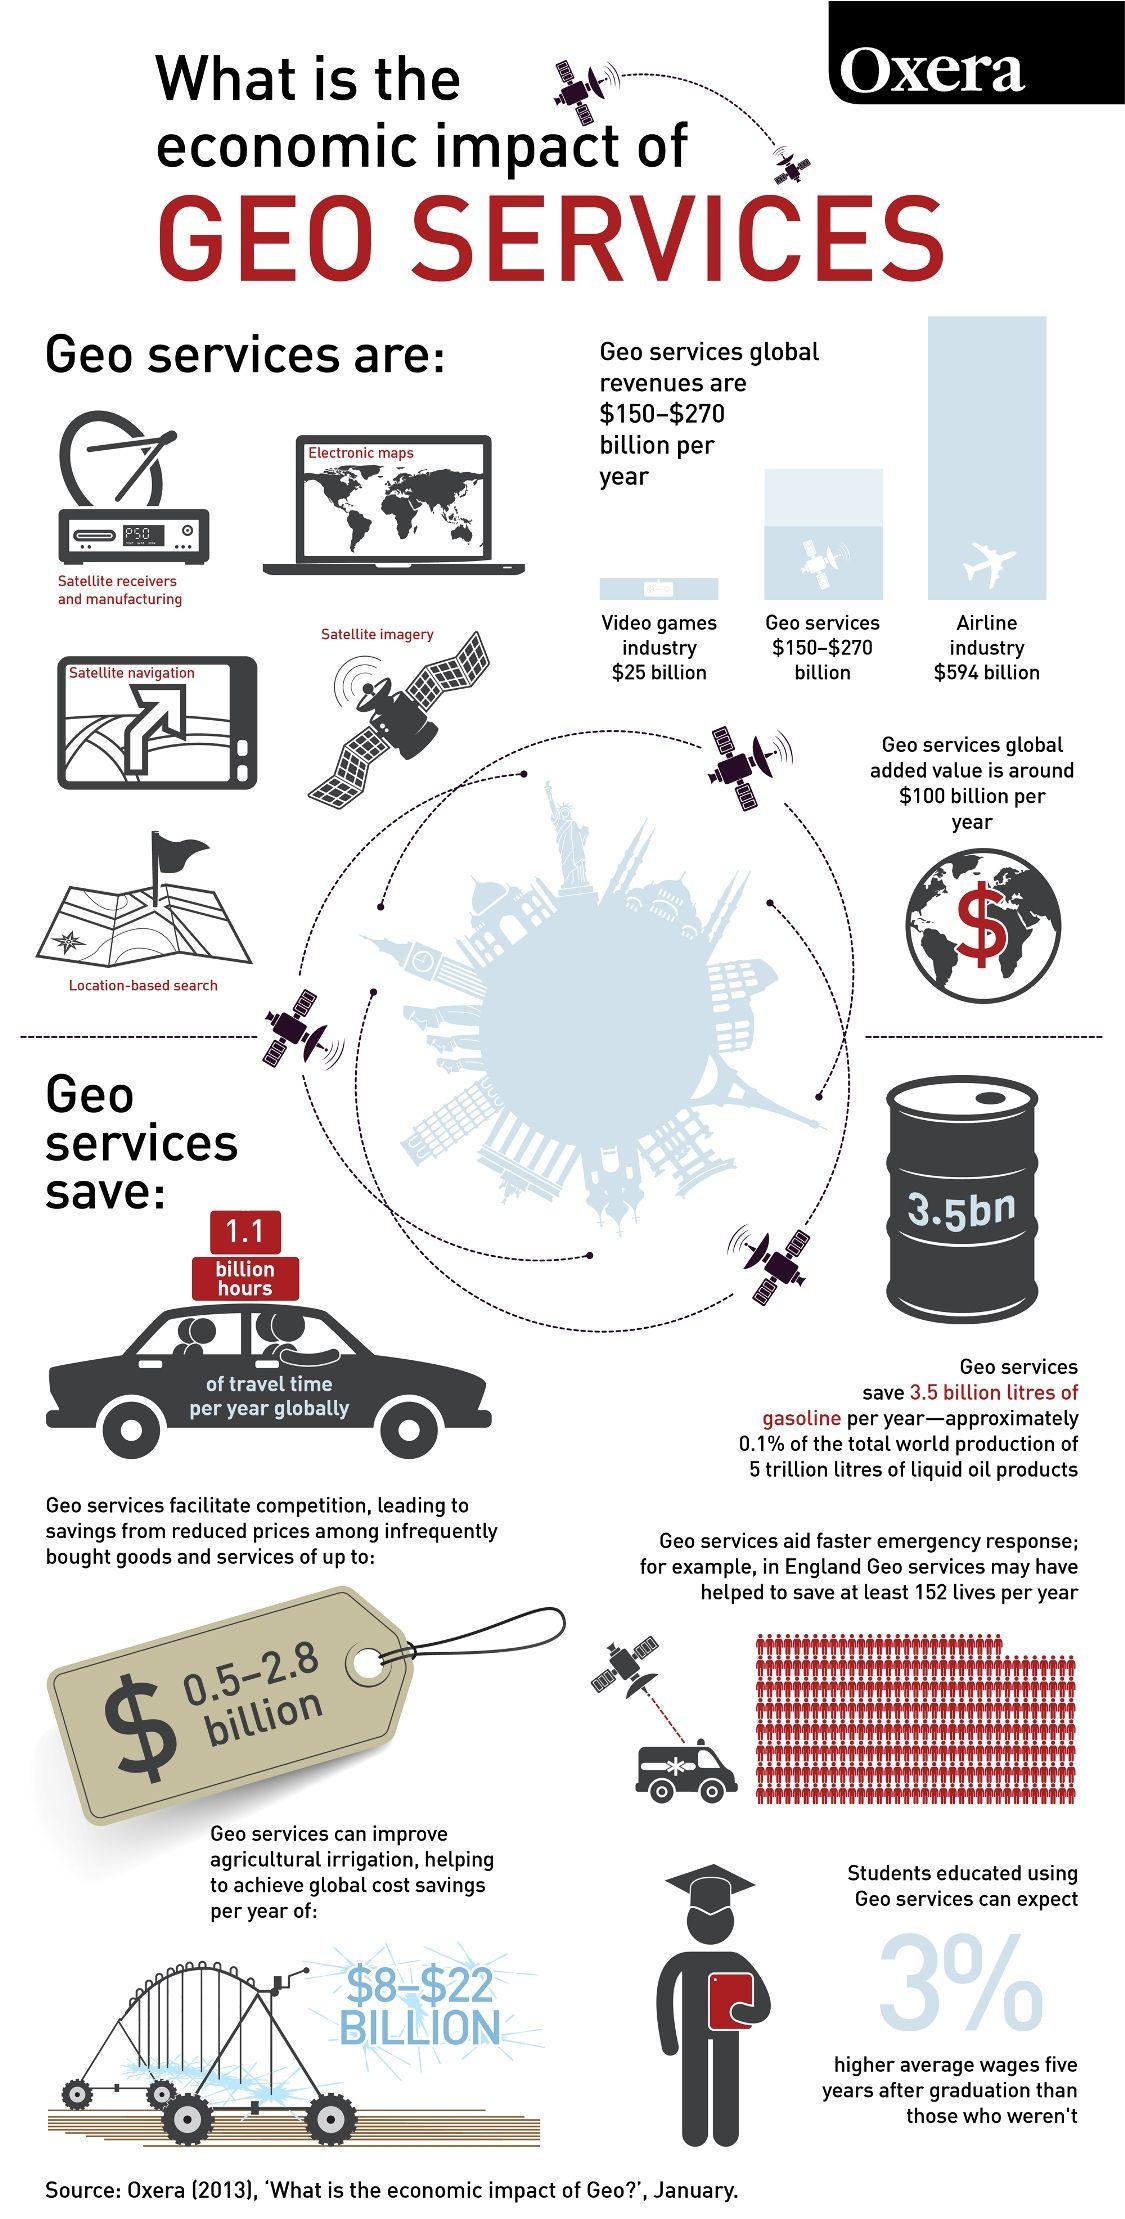 Oxera Geo Services As 3 Regras de Ouro pra Você Evoluir no Mercado de Geo & Drones